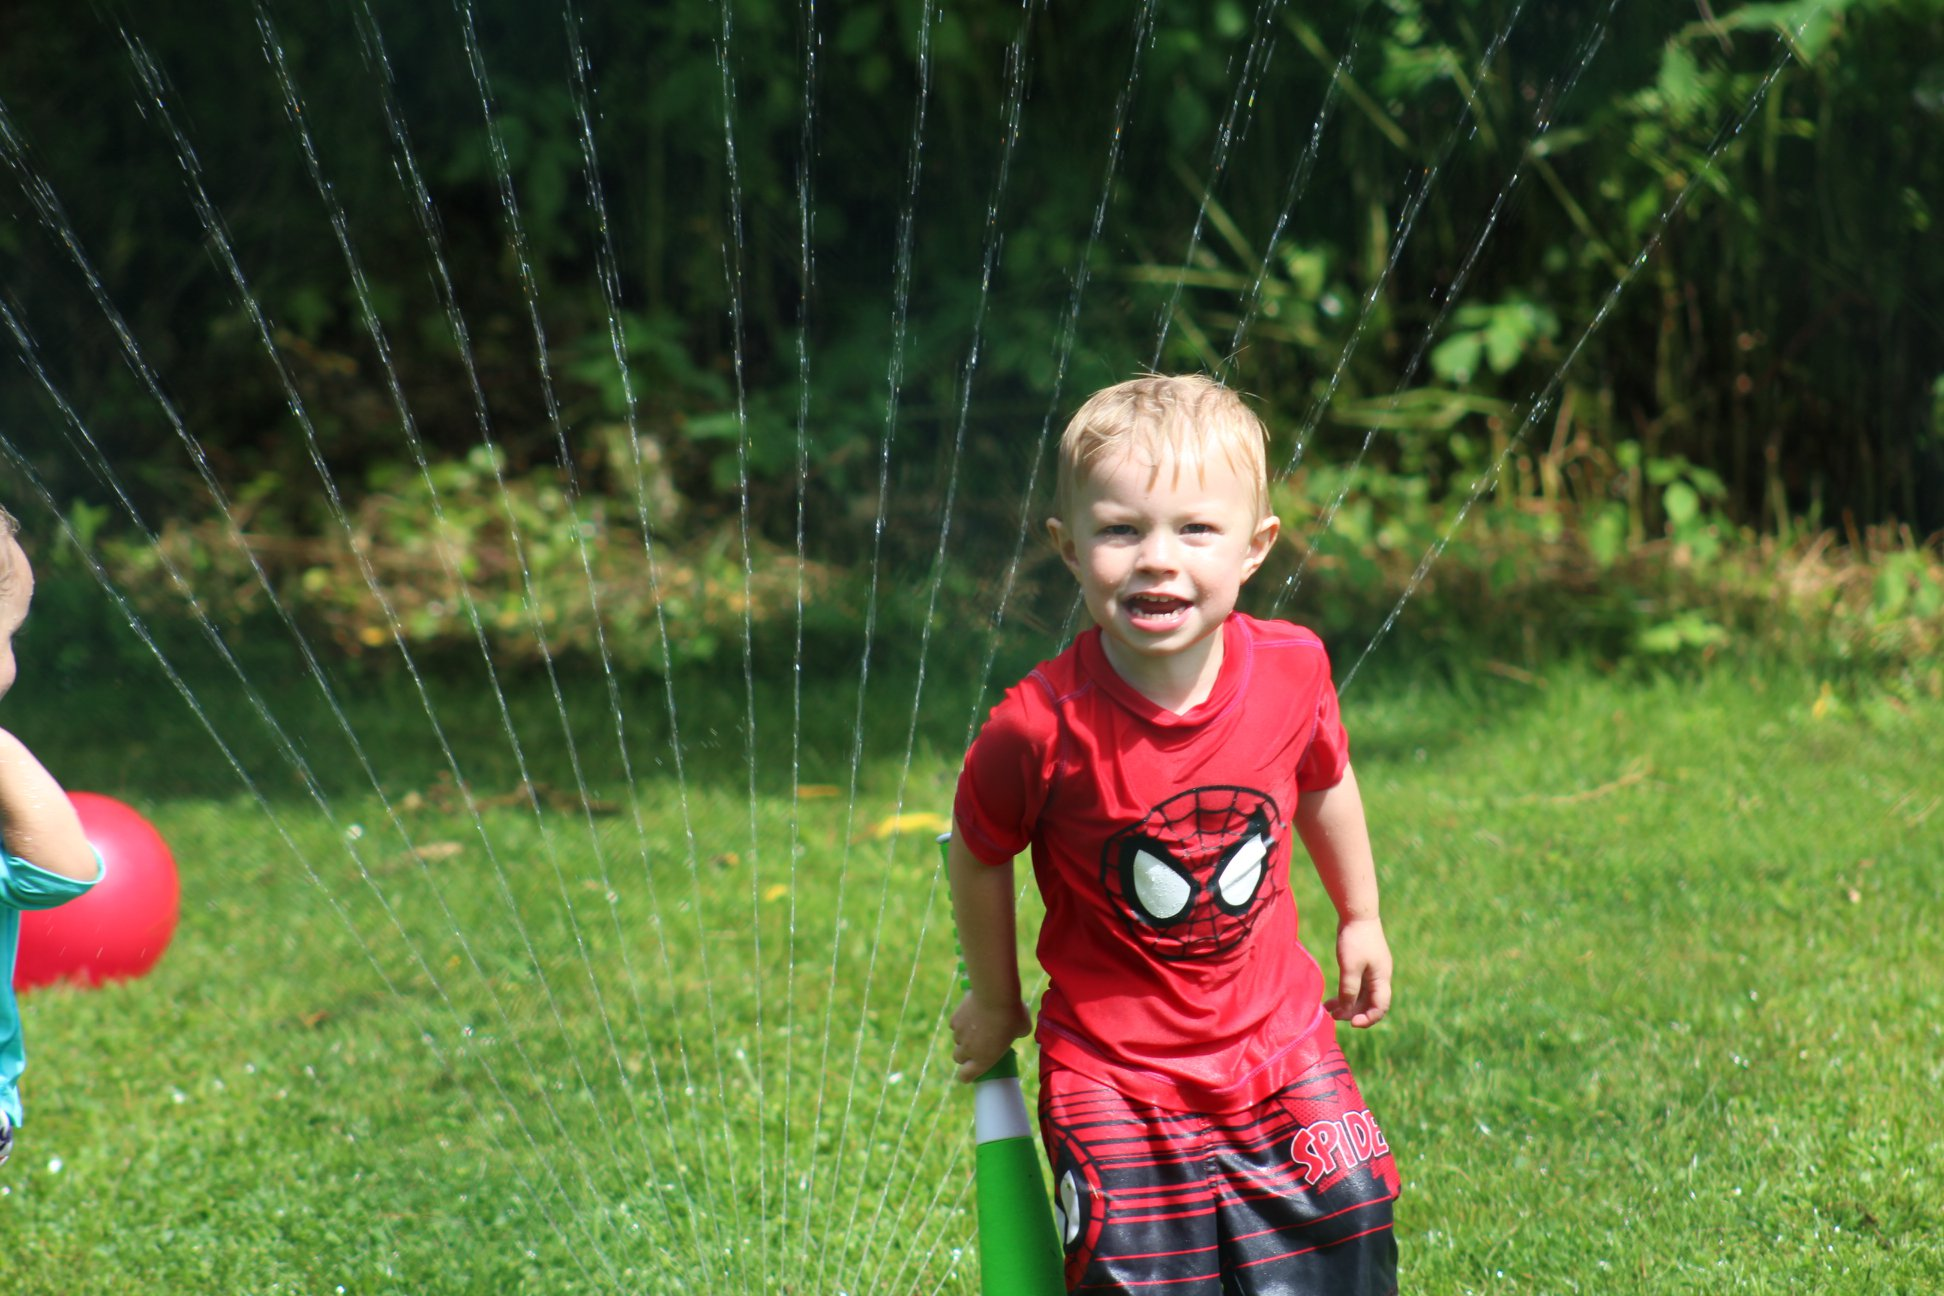 Spidey got water sprinkled